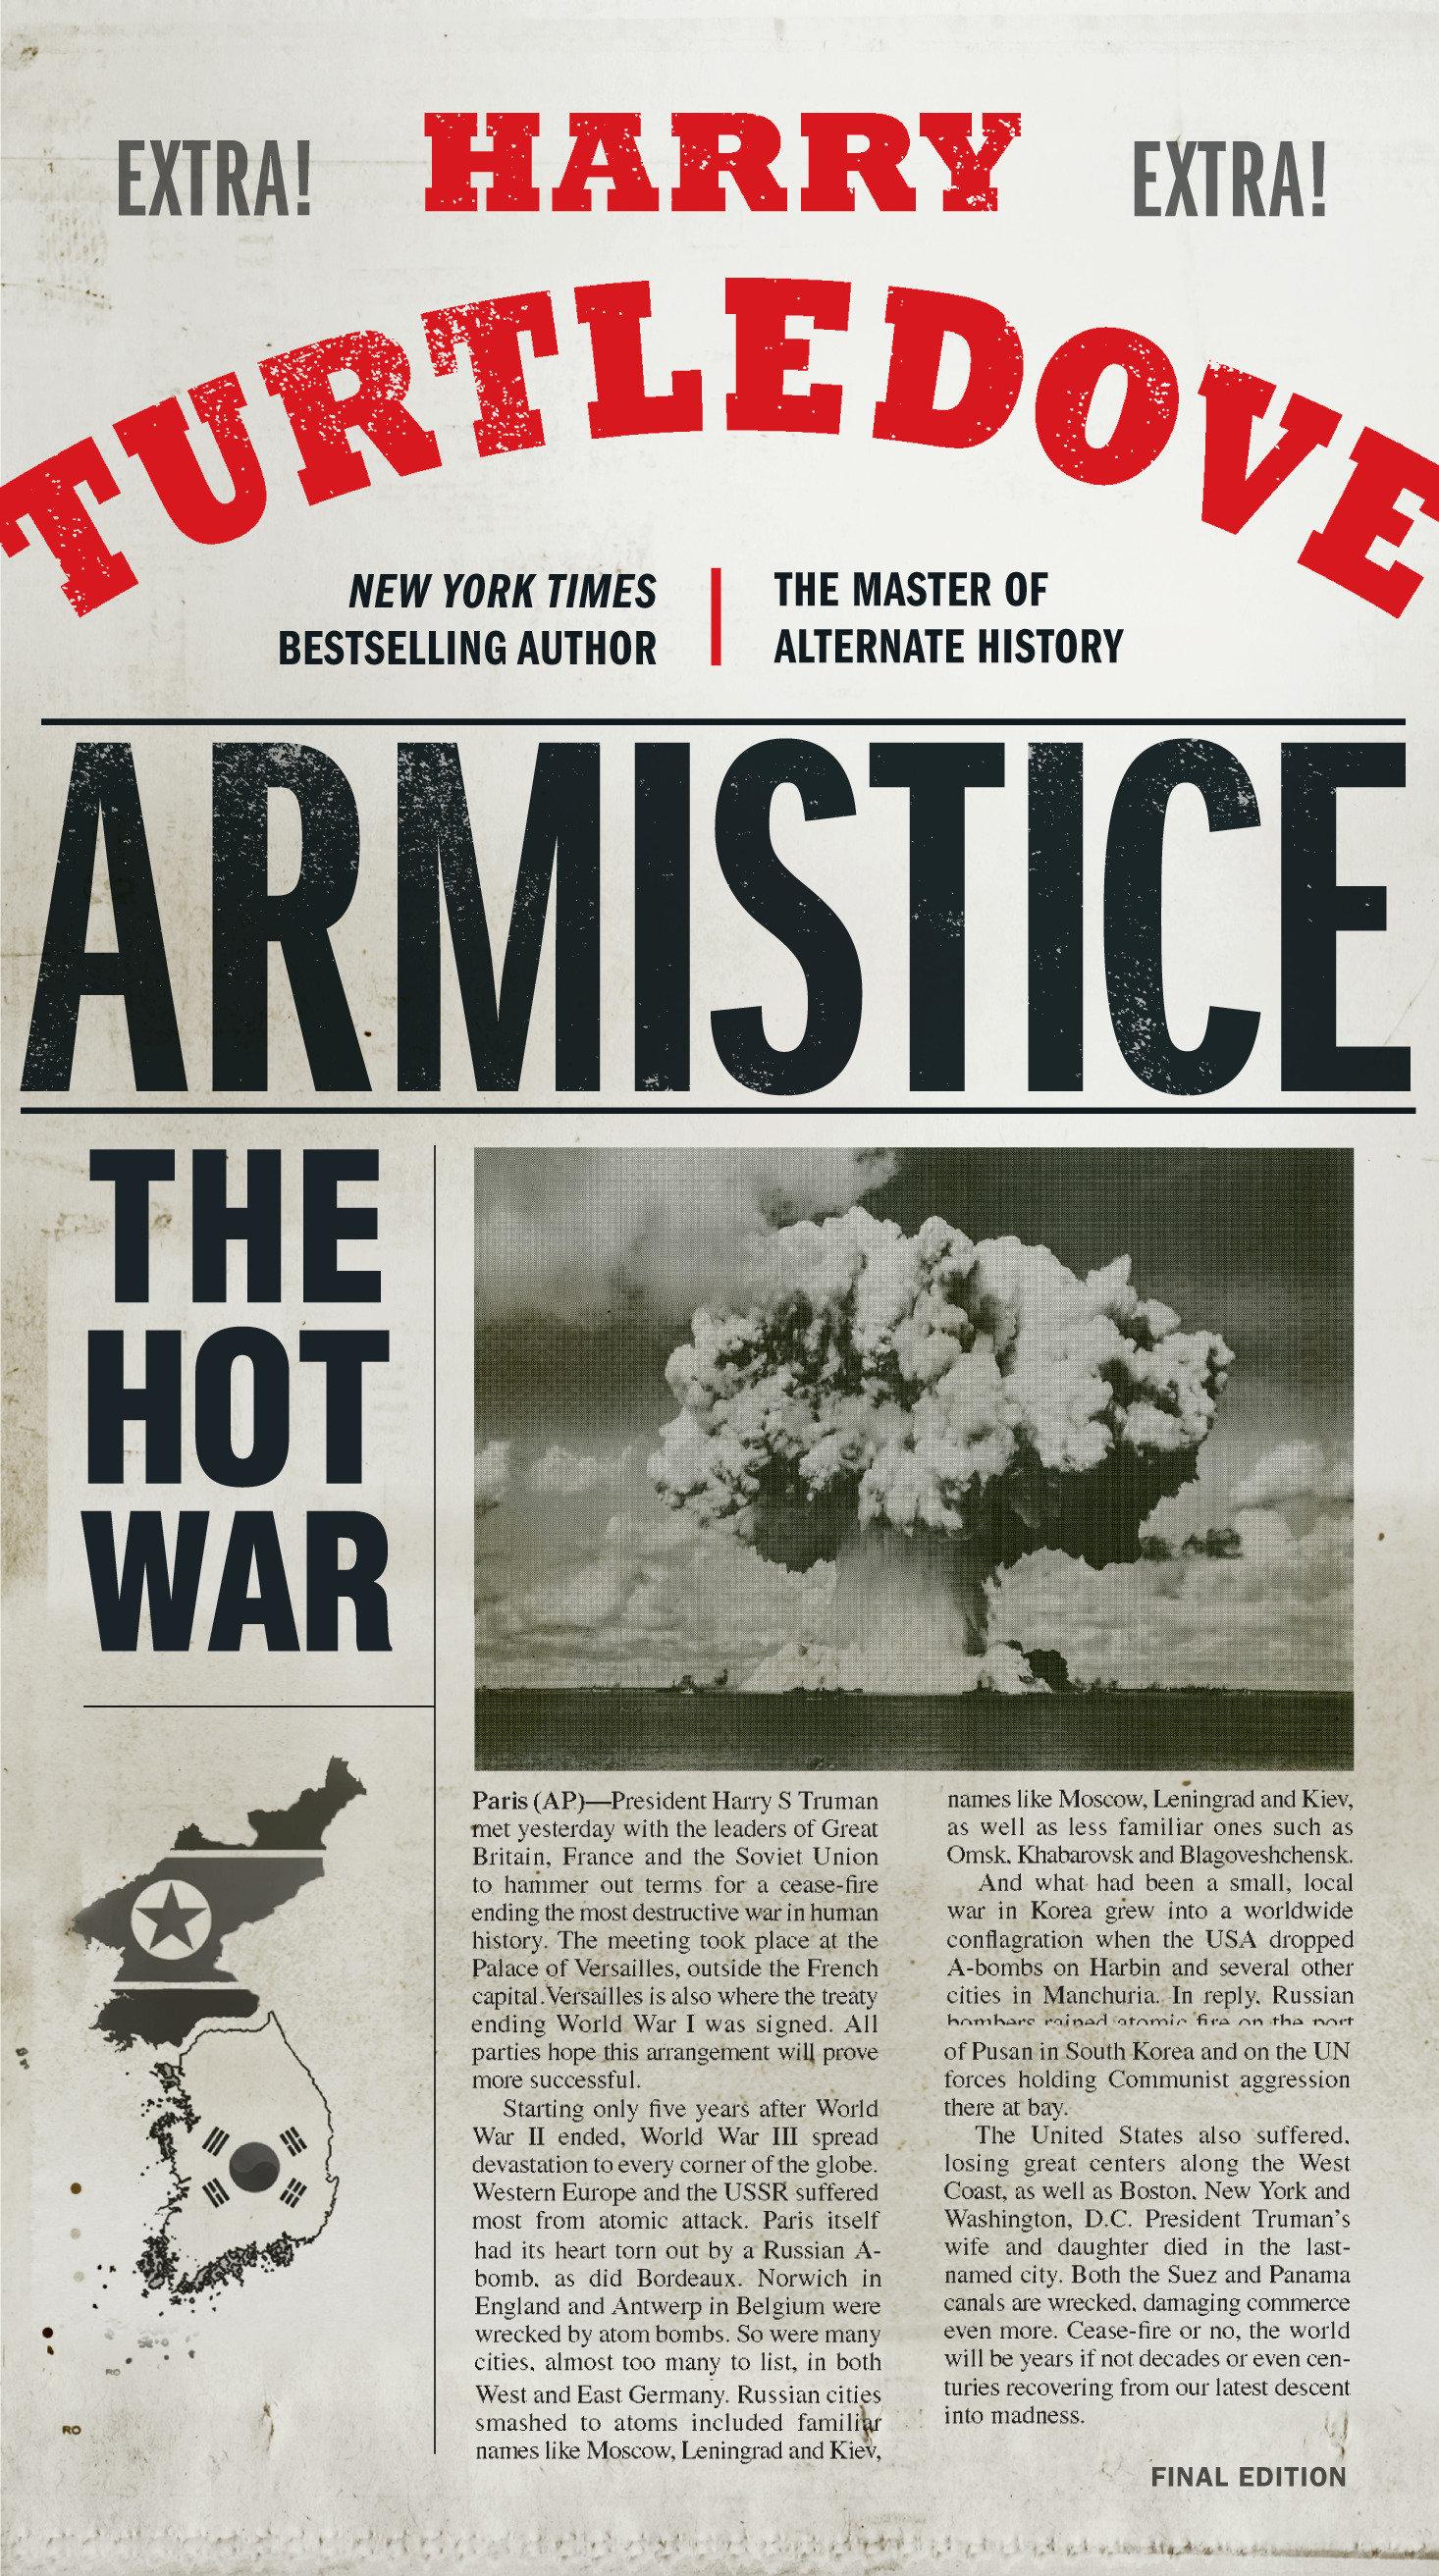 Armistice The Hot War